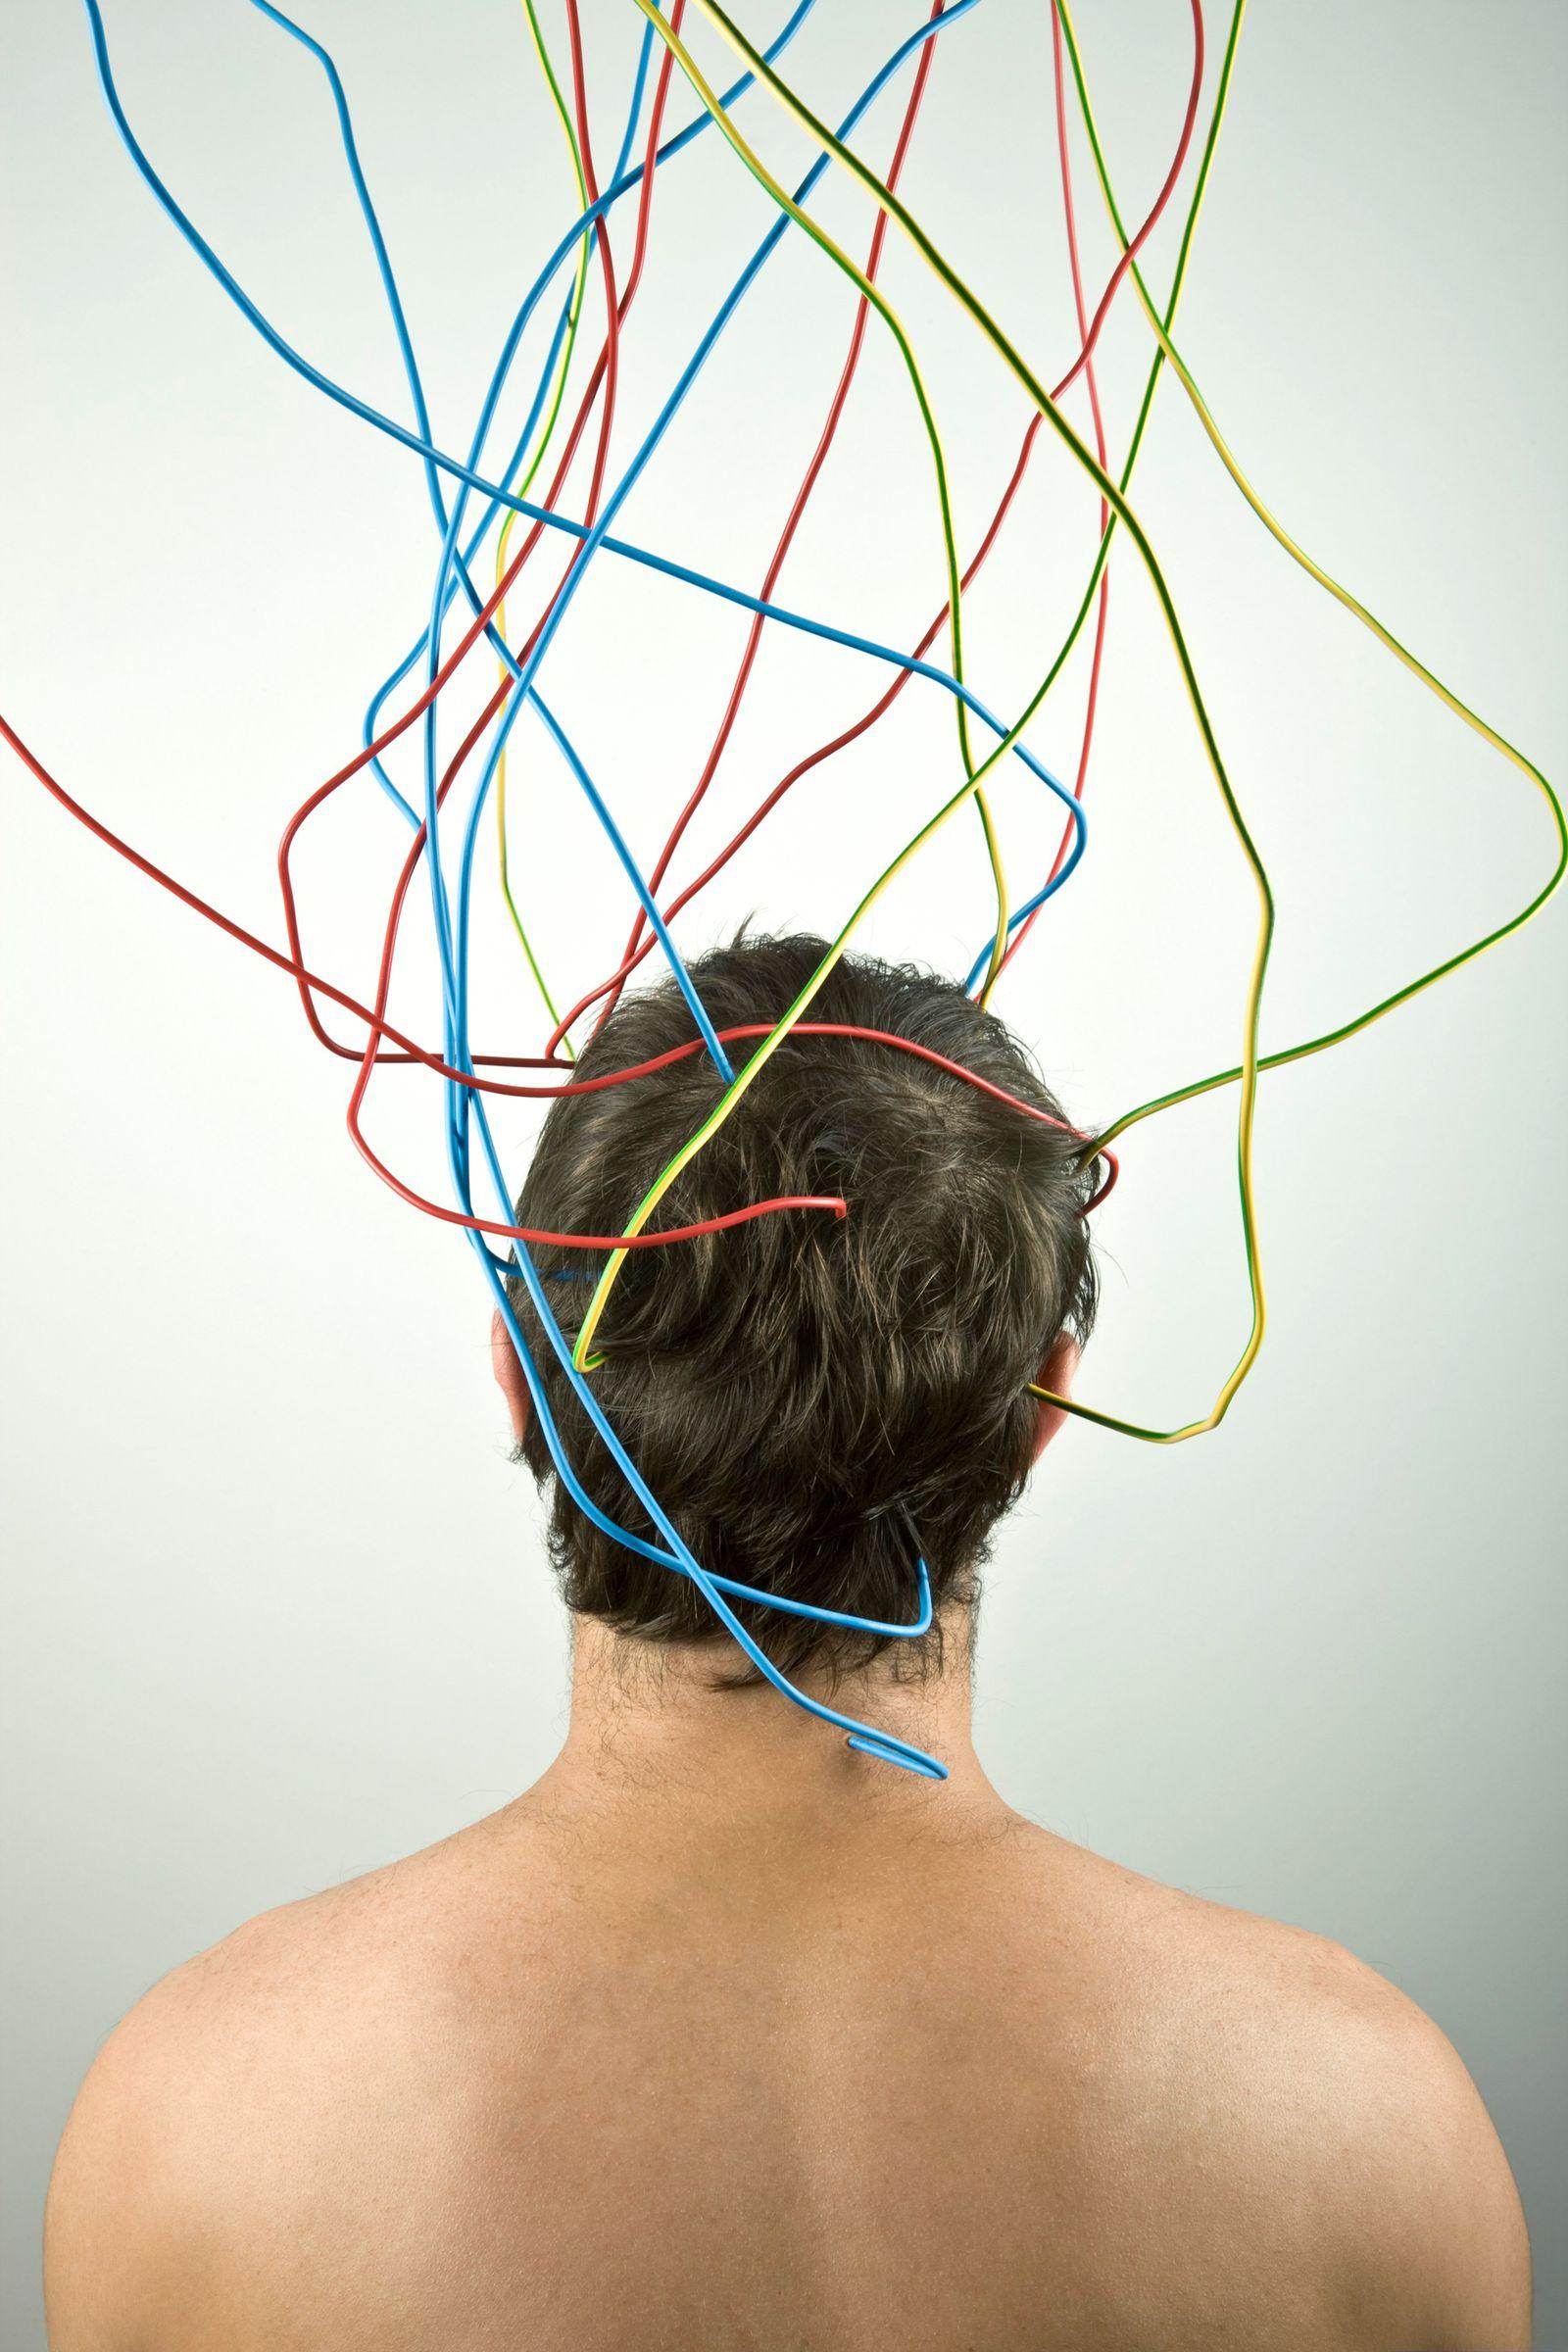 NICHT MEHR VERWENDEN! - Symbolbild Kopf mit Kabeln/ Mensch/ verkabelt